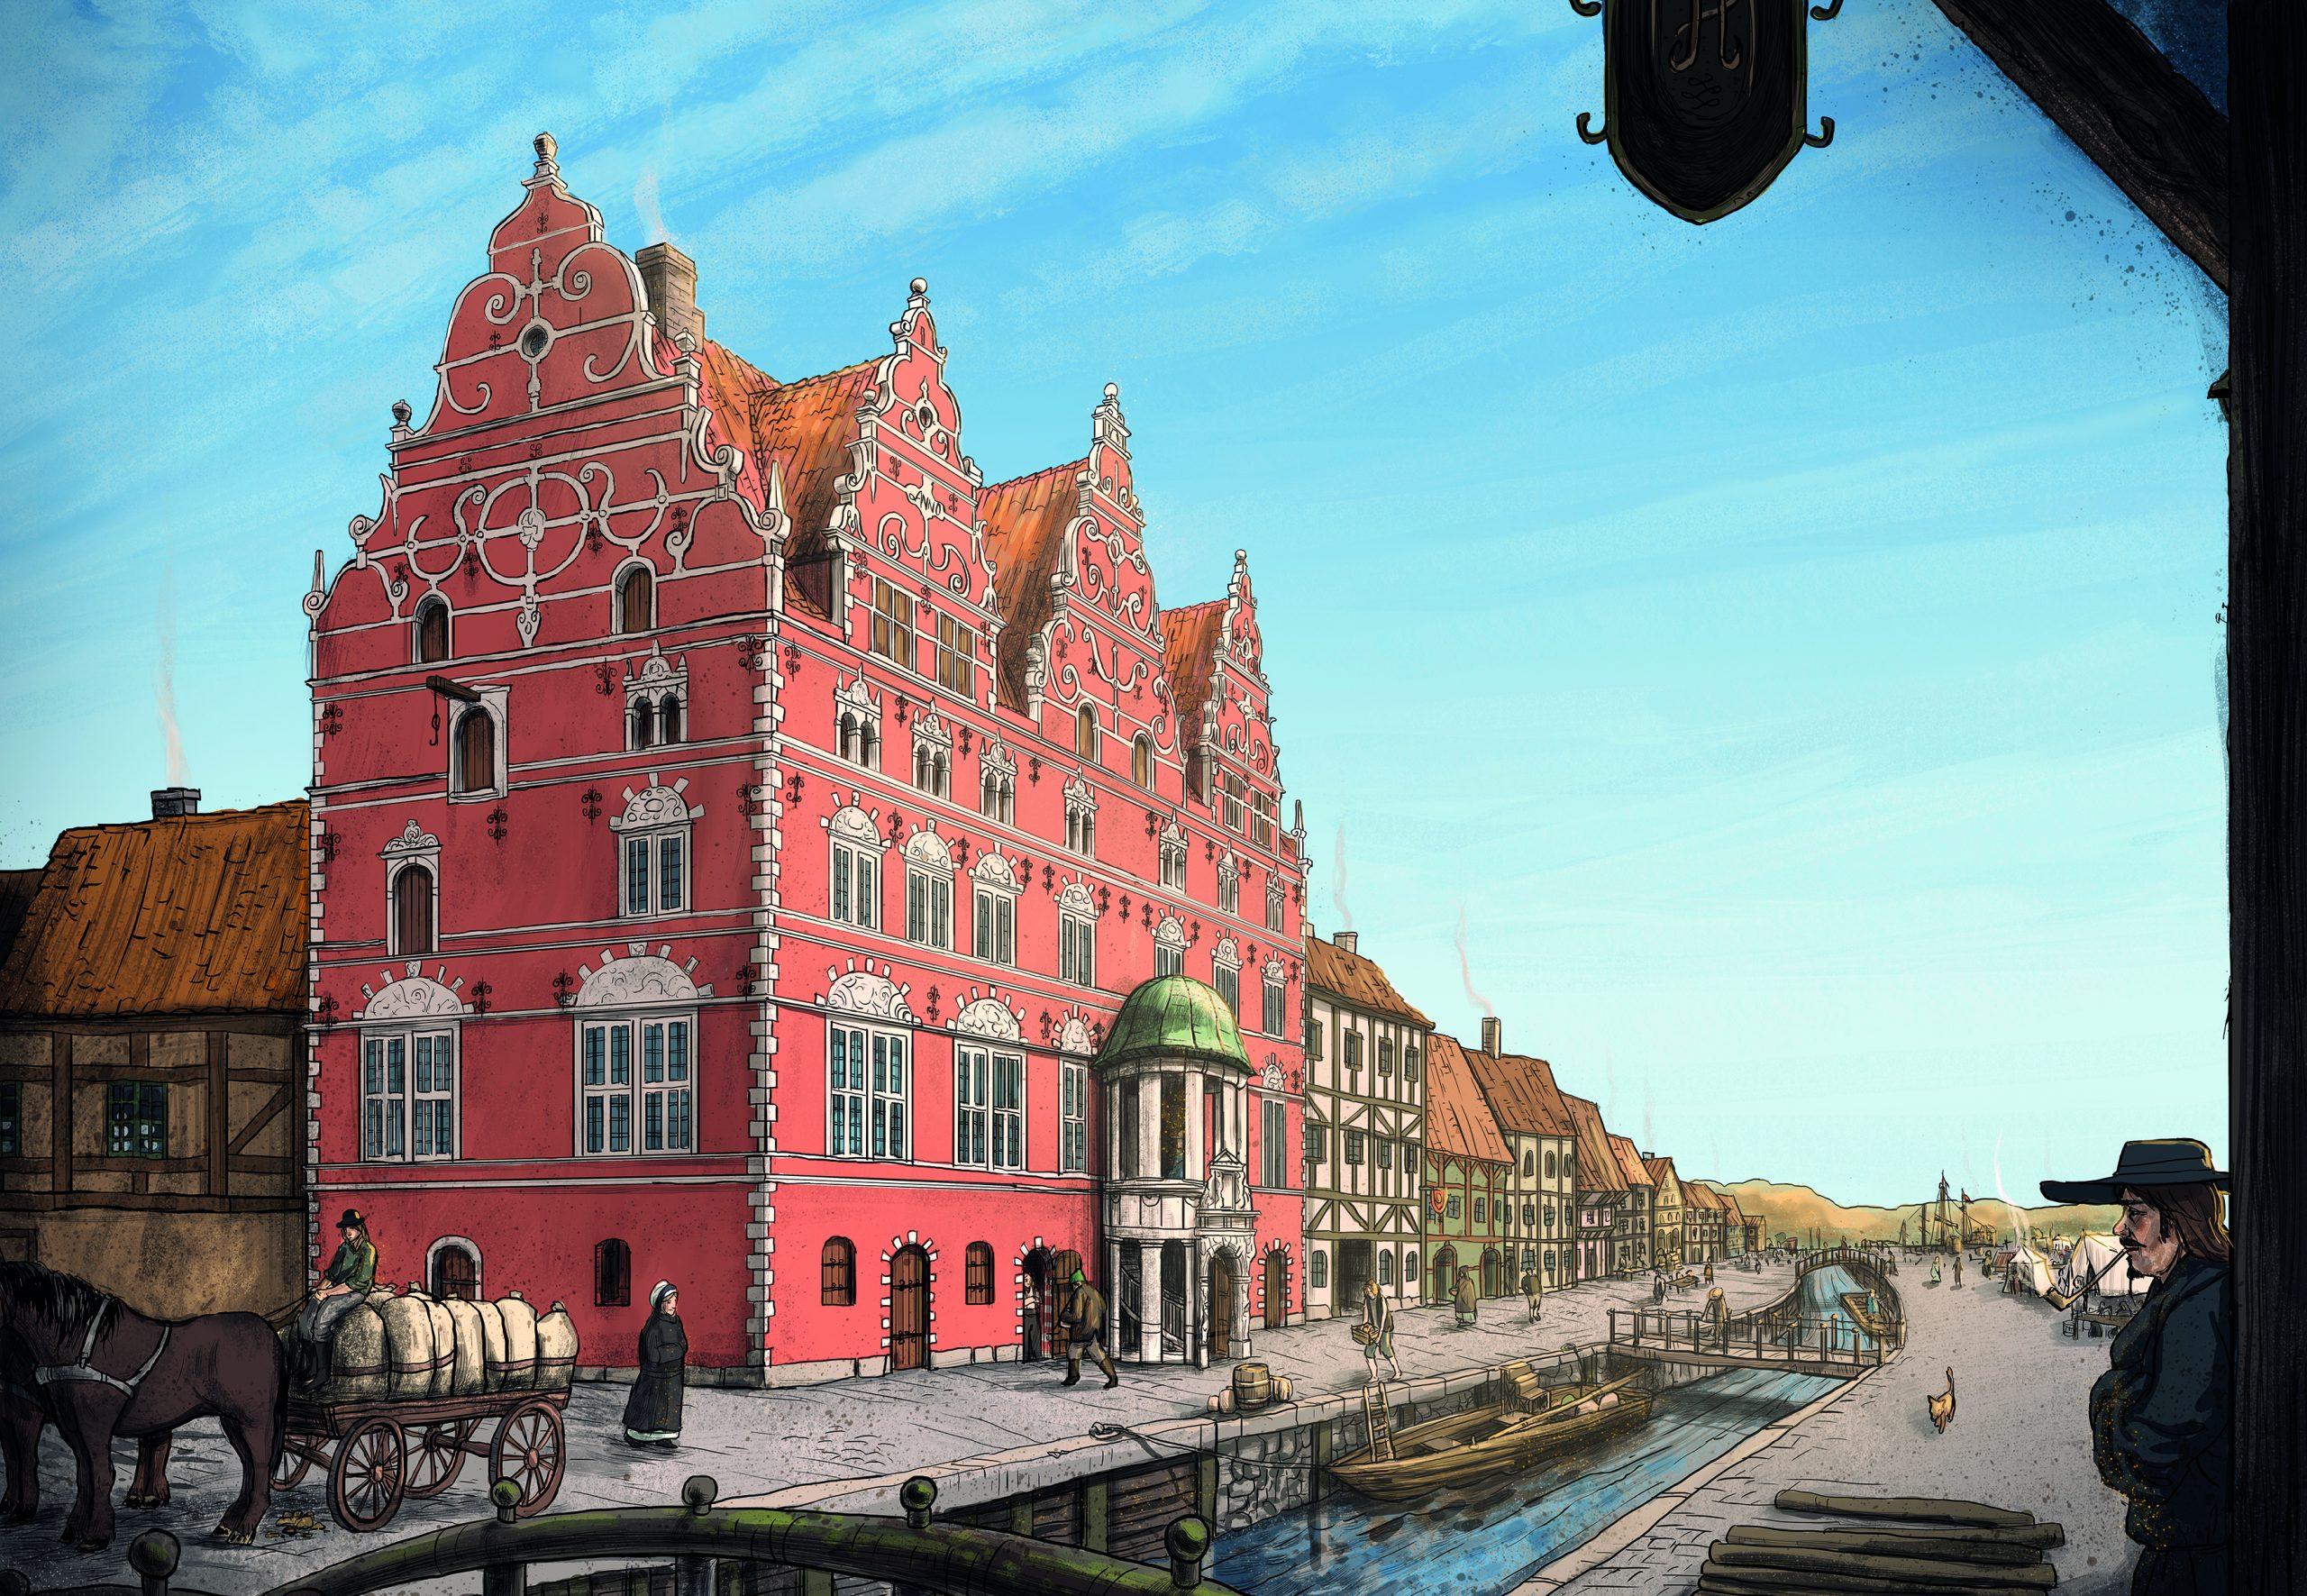 Et godt gys: Aalborg Historiske Museum lancerer flere nye byvandringer